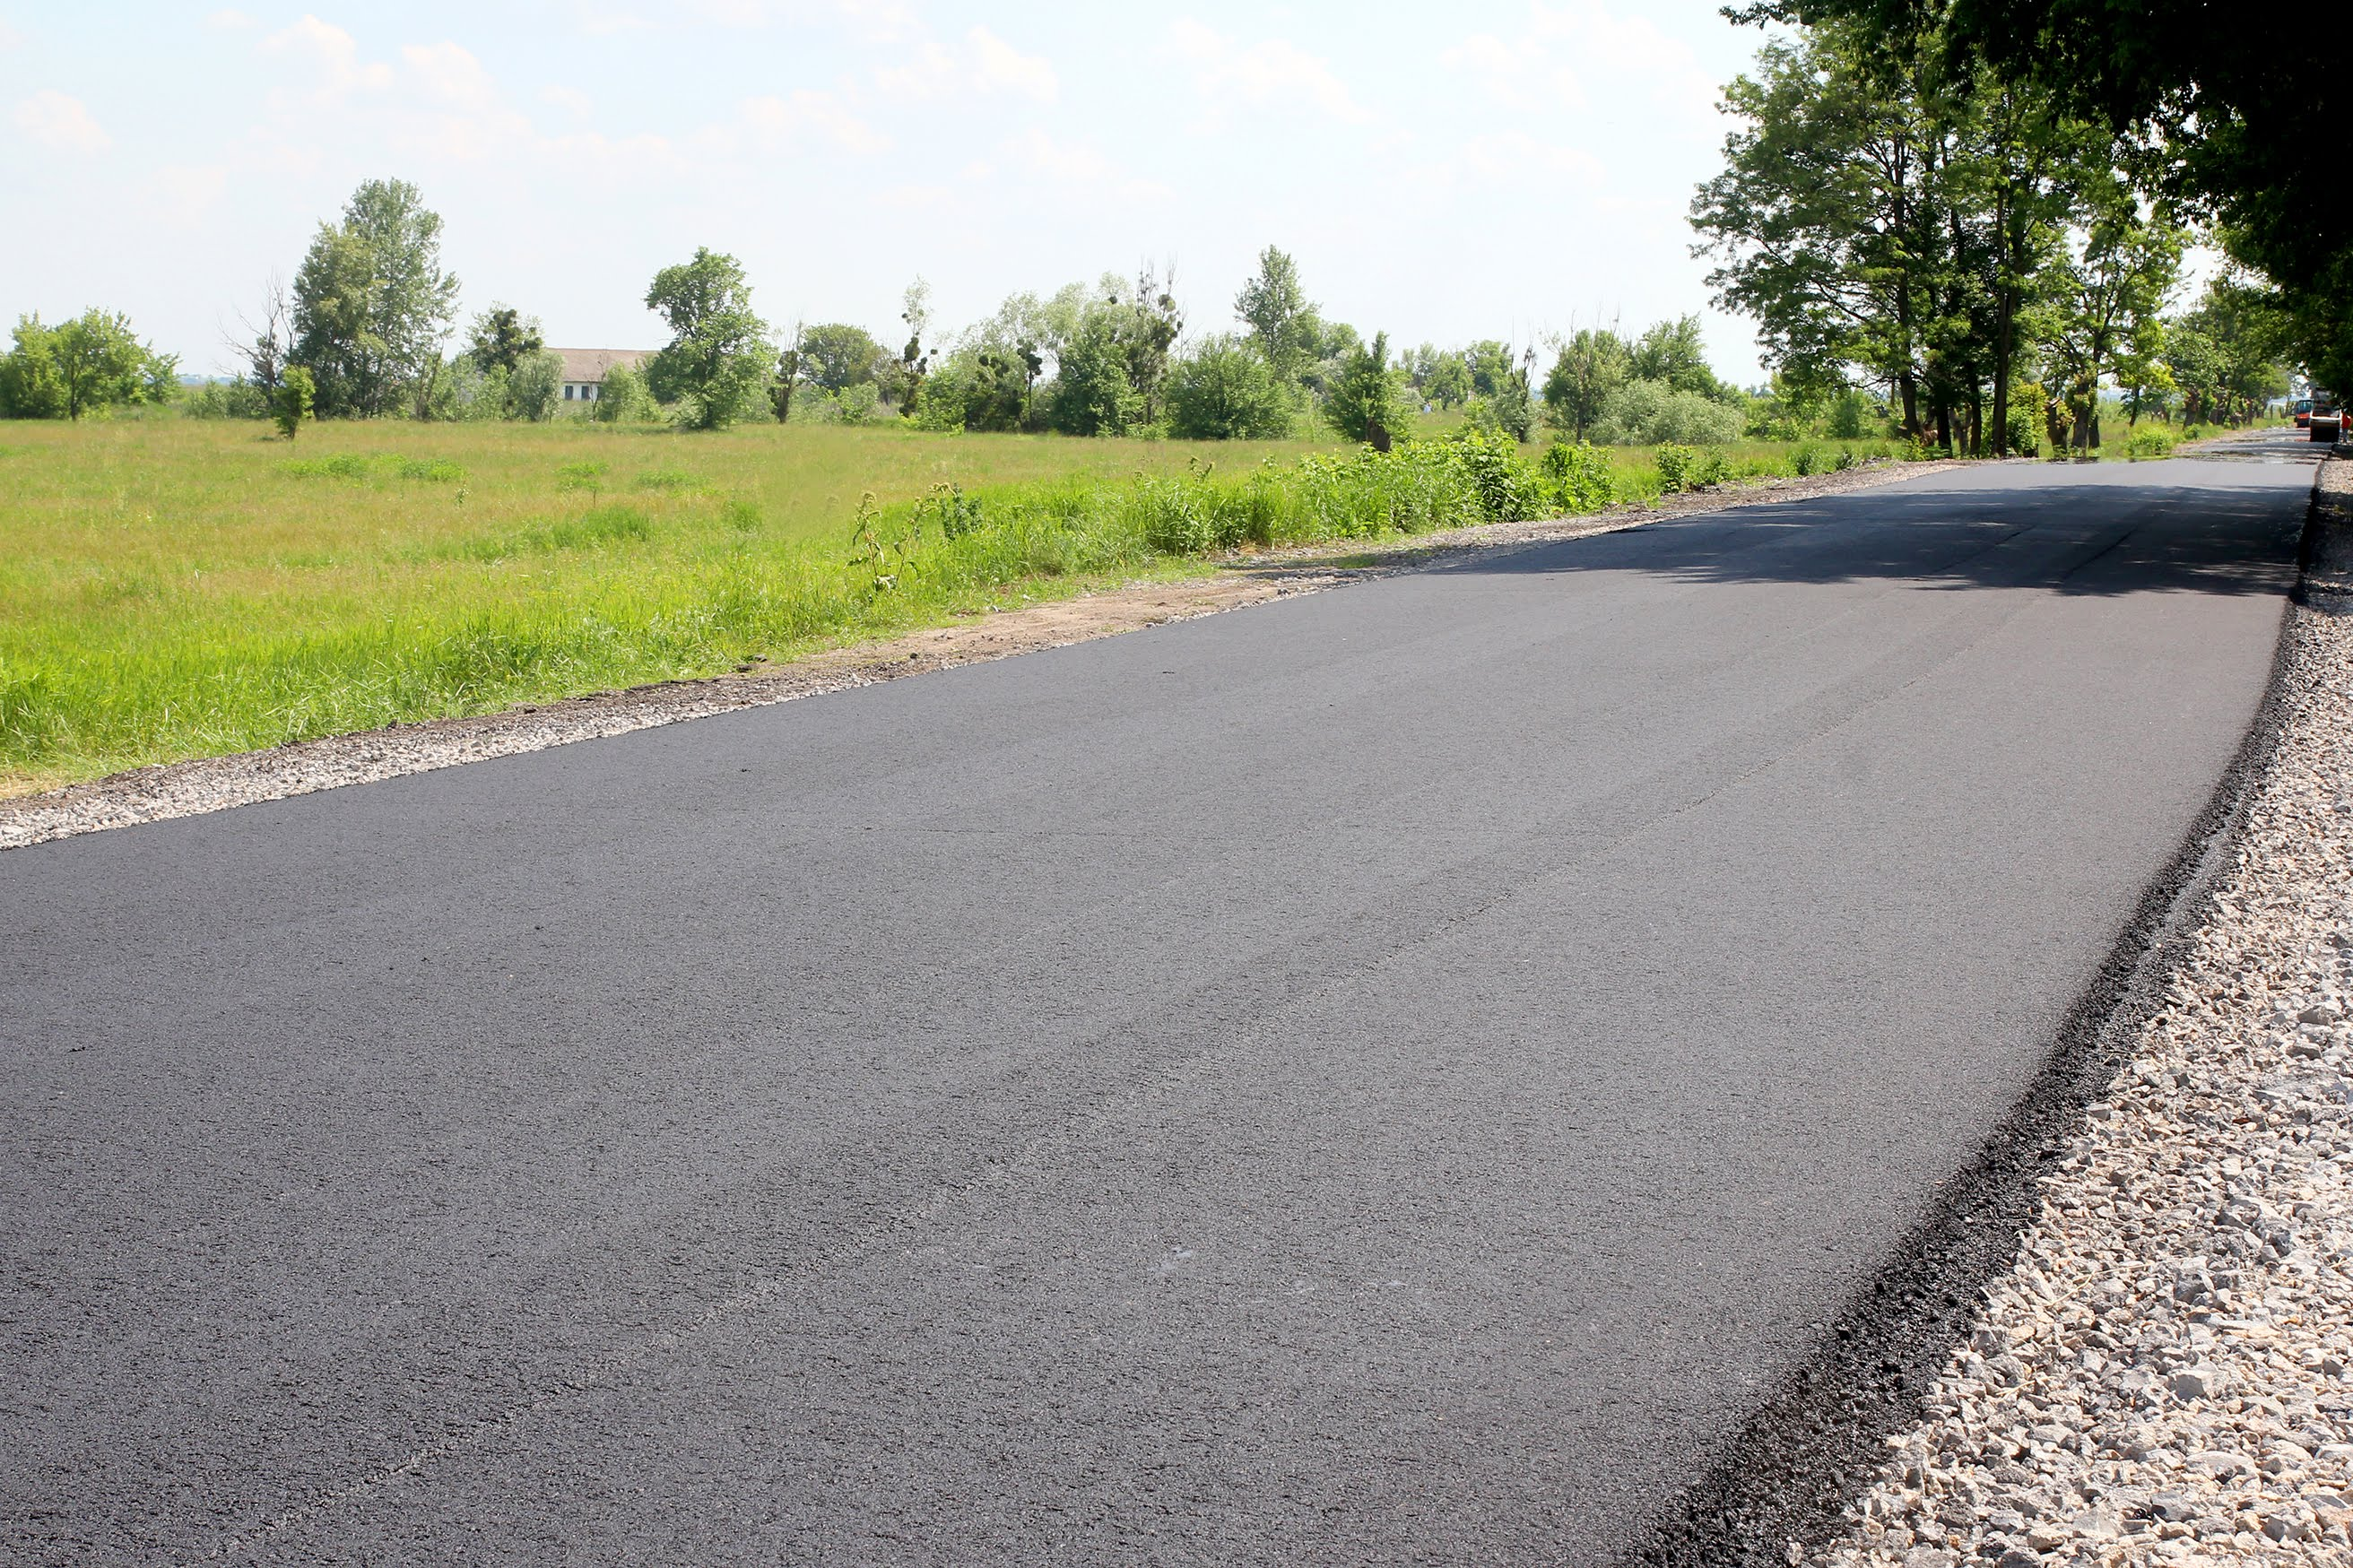 10-кілометрова ділянка між селами Орлівщина та Черкаське вже із якісним покриттям